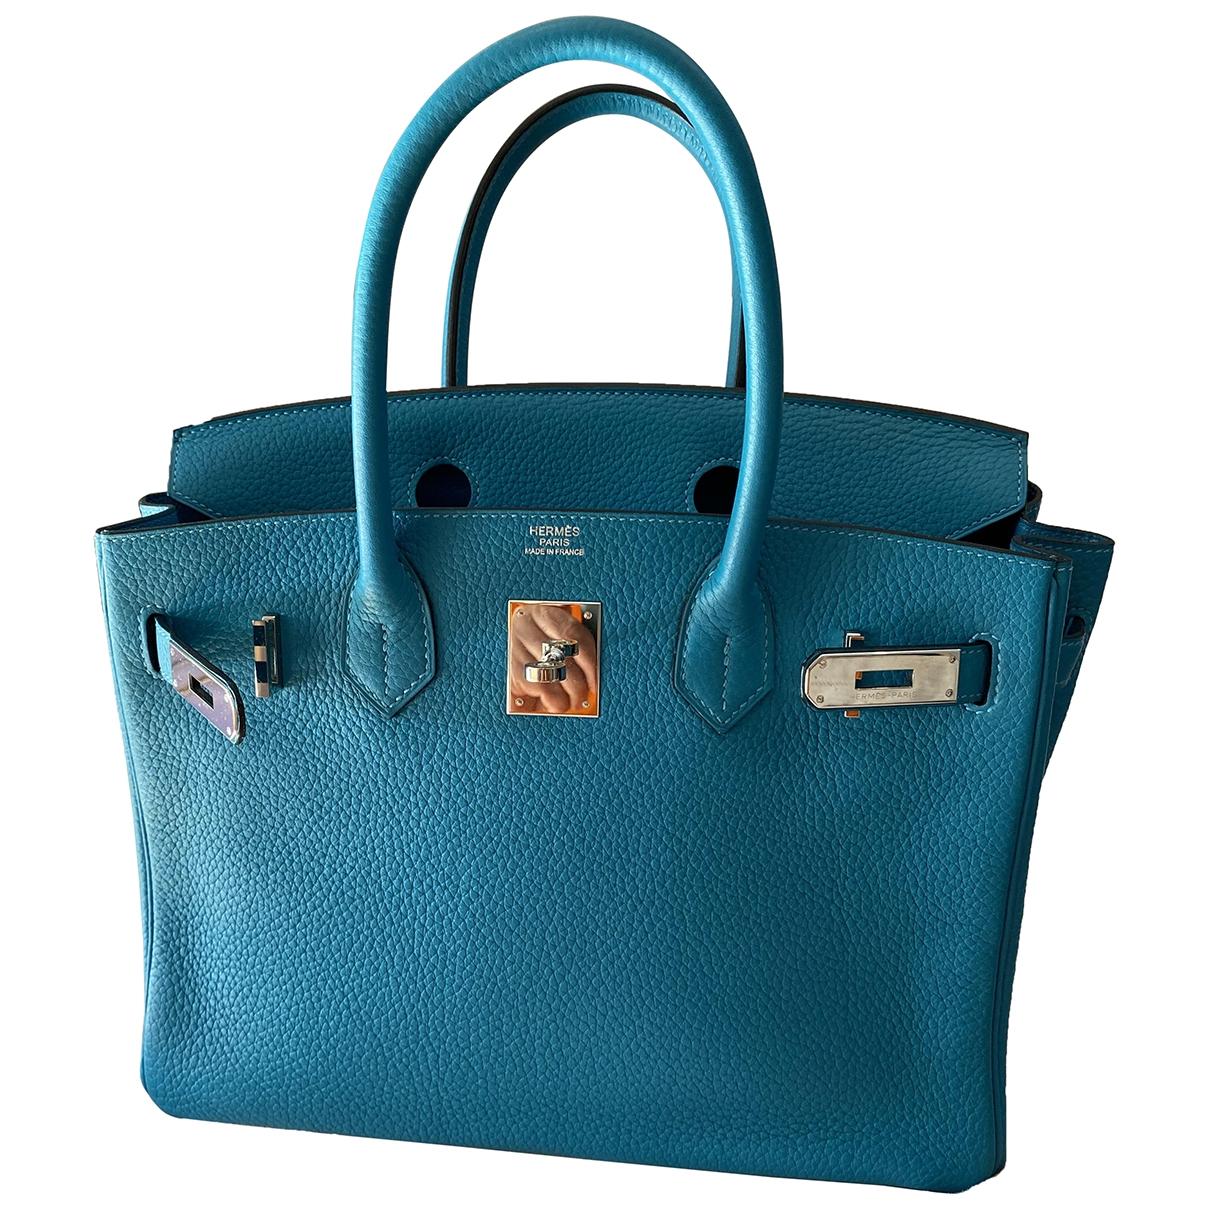 Hermes Birkin 30 Handtasche in  Tuerkis Leder